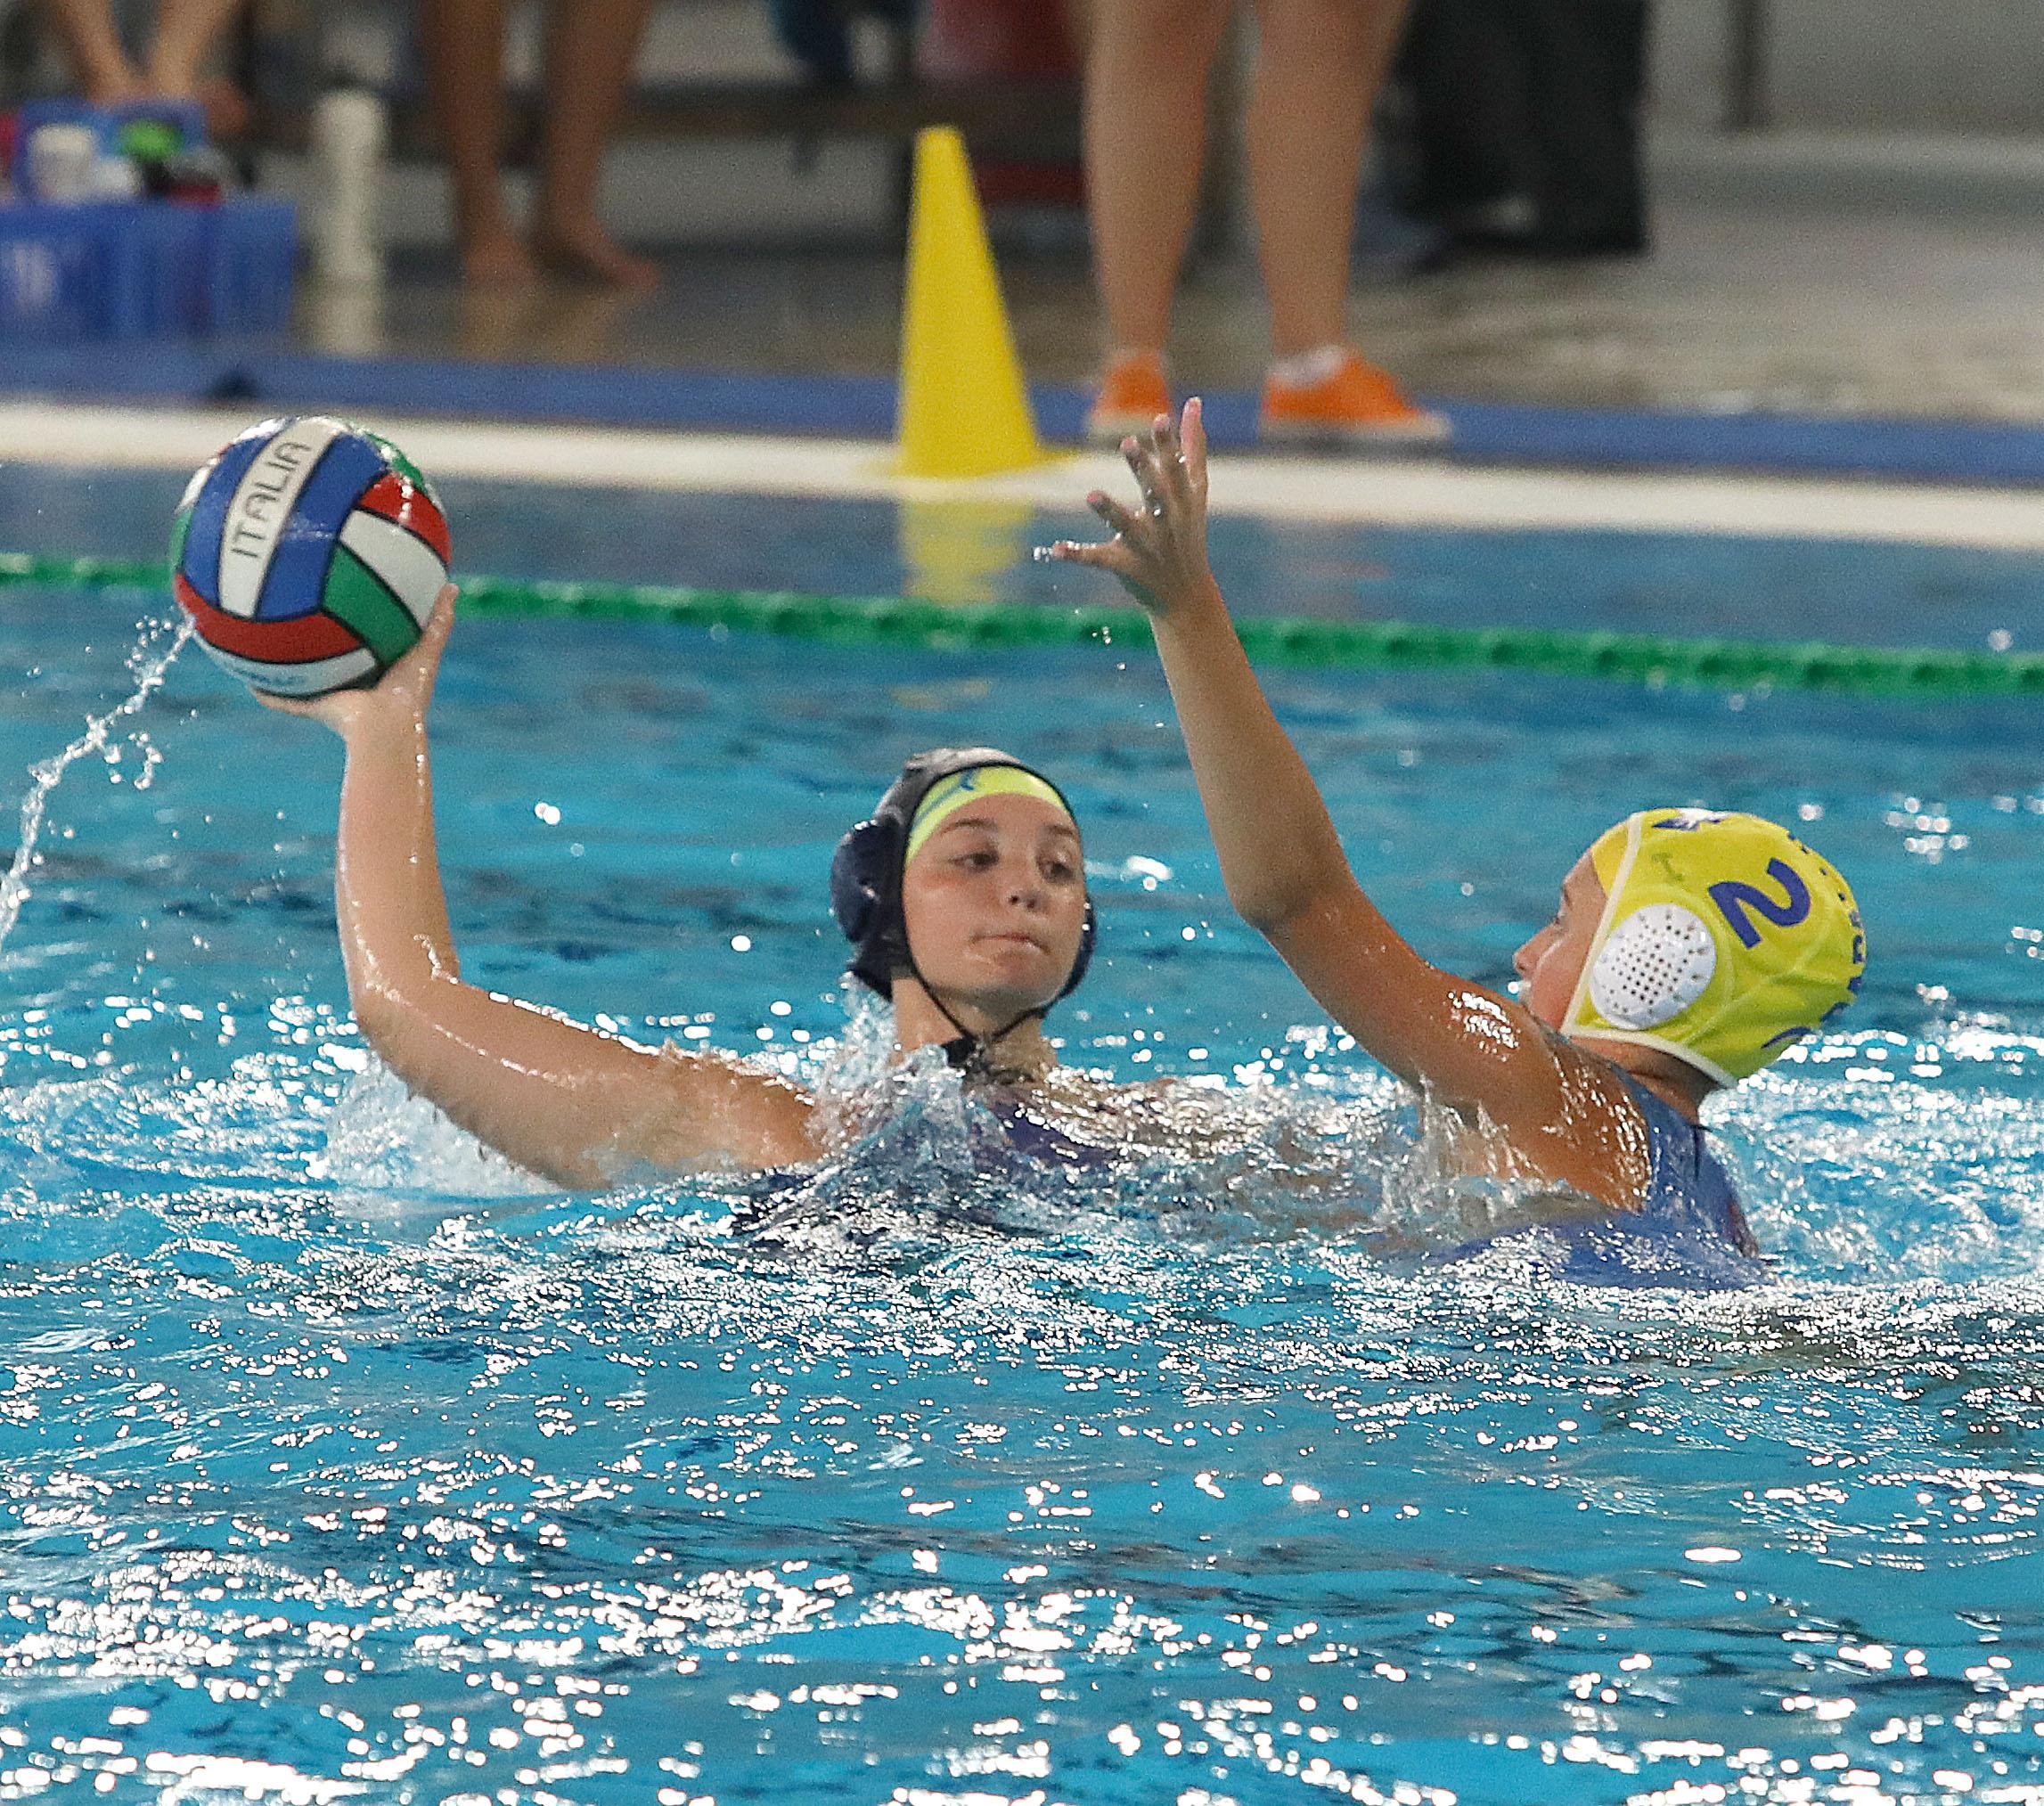 Under 15 femminile: finali scudetto, in semifinale il Rapallo supera la Pallanuoto Trieste (10-5). Adesso la finale per il bronzo